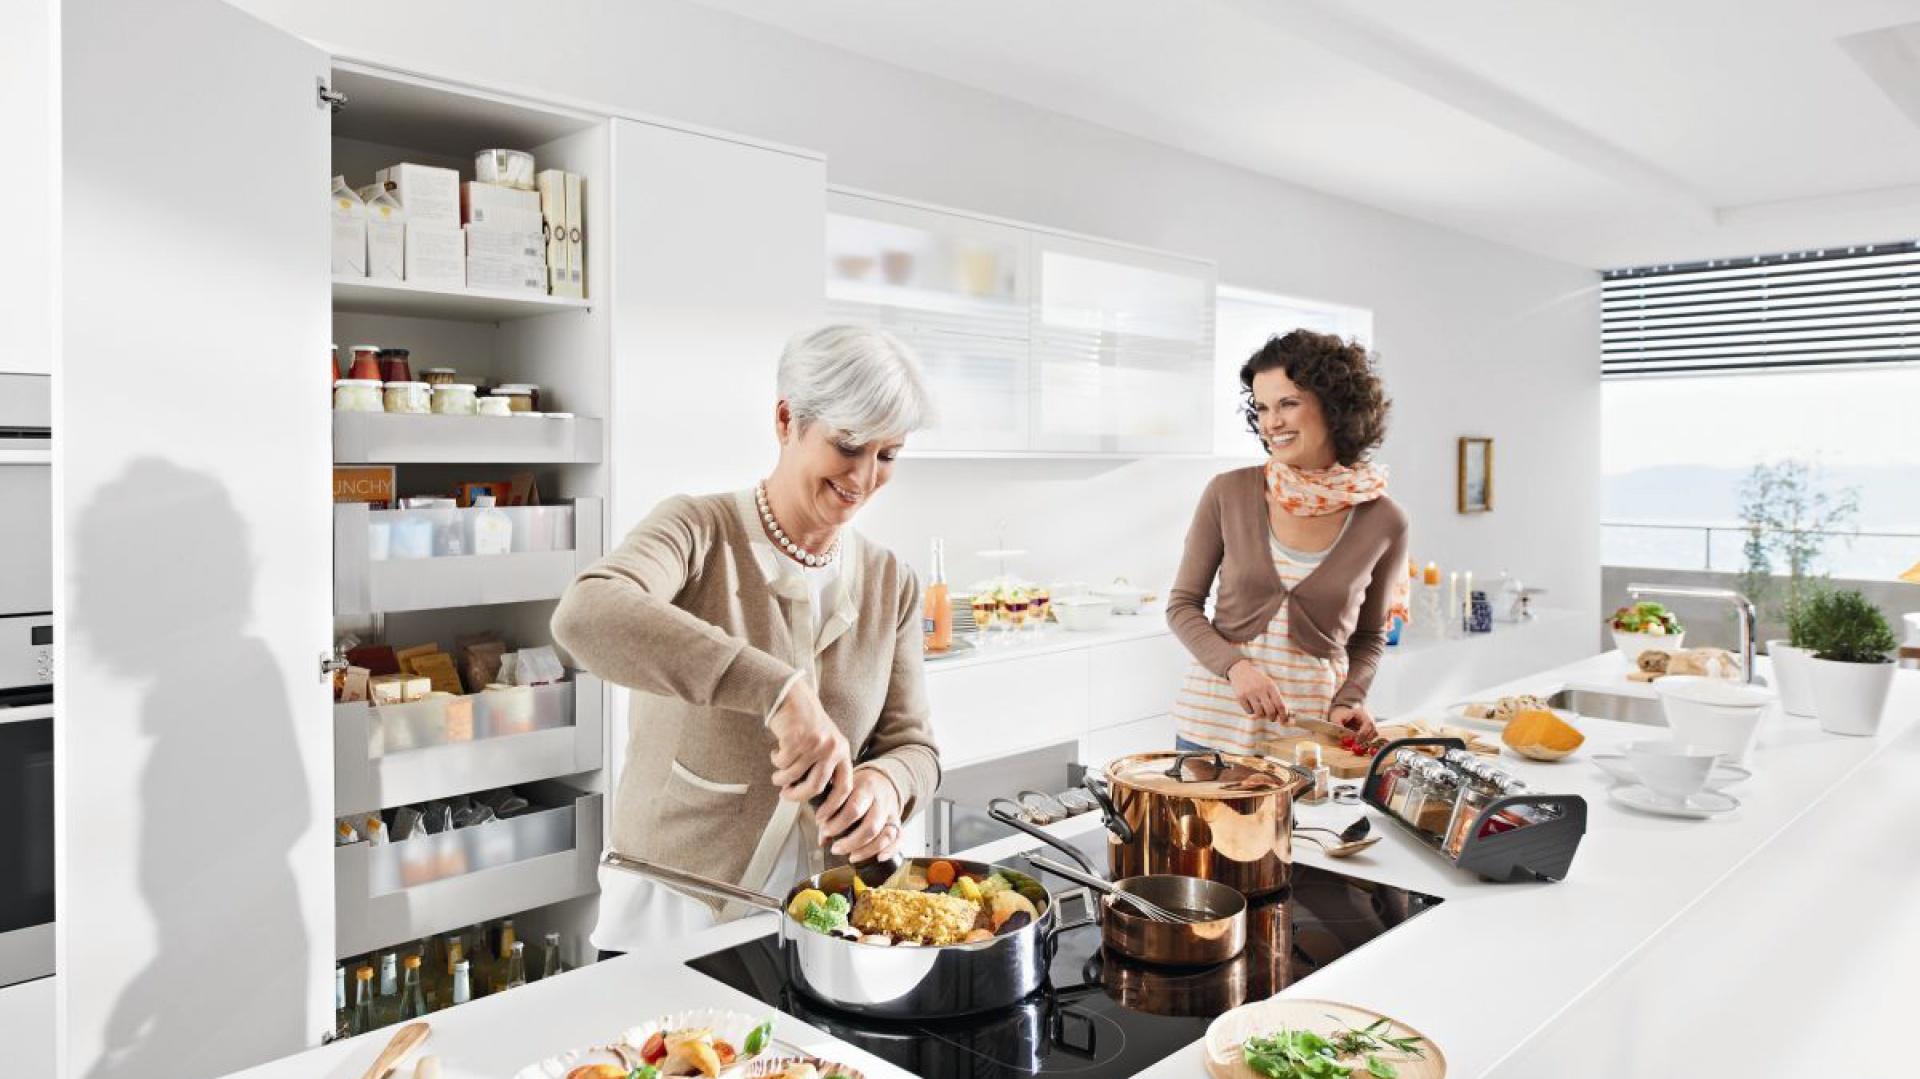 Przyjemne i sprawne przygotowywanie posiłków zależy w dużej mierze od odpowiedniego zorganizowania przestrzeni w kuchni. Pomogą w tym nowoczesne system do kuchni, pomagające w uporządkowaniu produktów i akcesoriów kuchennych. Fot. Blum.